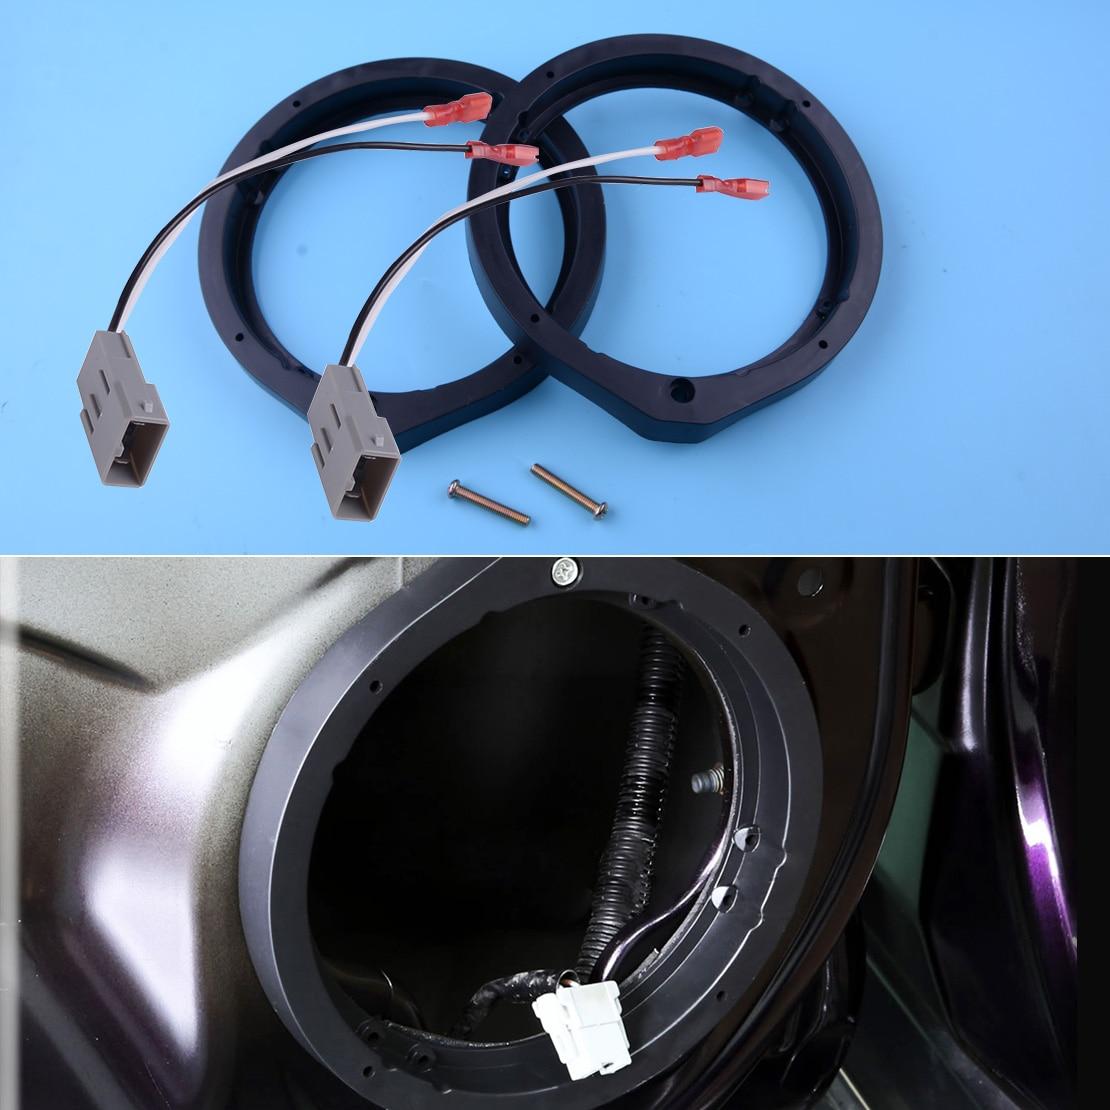 Адаптер для колонок CITALL, 2 шт., 72-7800, 6,5/6,75 дюйма, 165 мм, с проводным ремнем, подходит для Honda Civic Accord, Crosstour, Insight, с функцией «Crosstour» и «Insight»